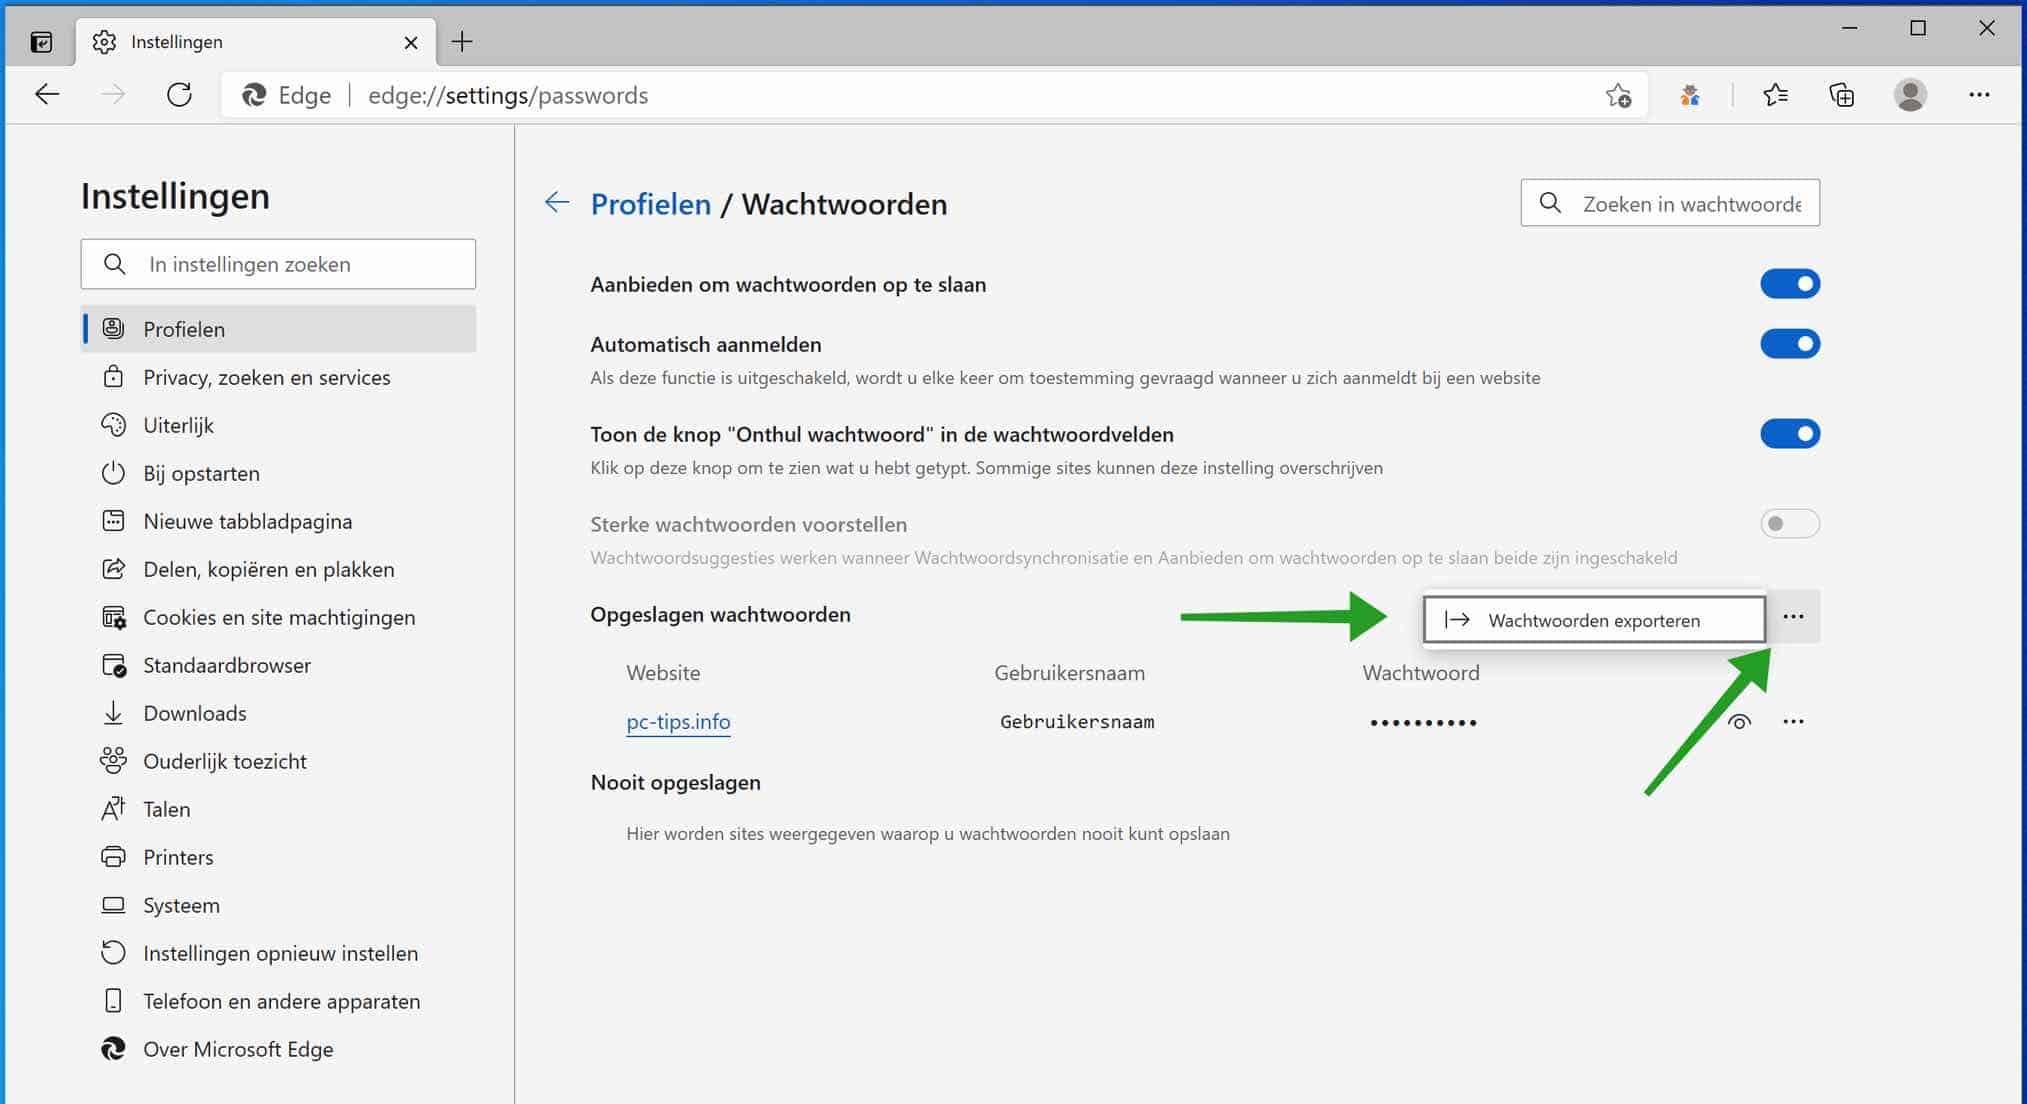 Wachtwoorden exporteren uit Microsoft Edge